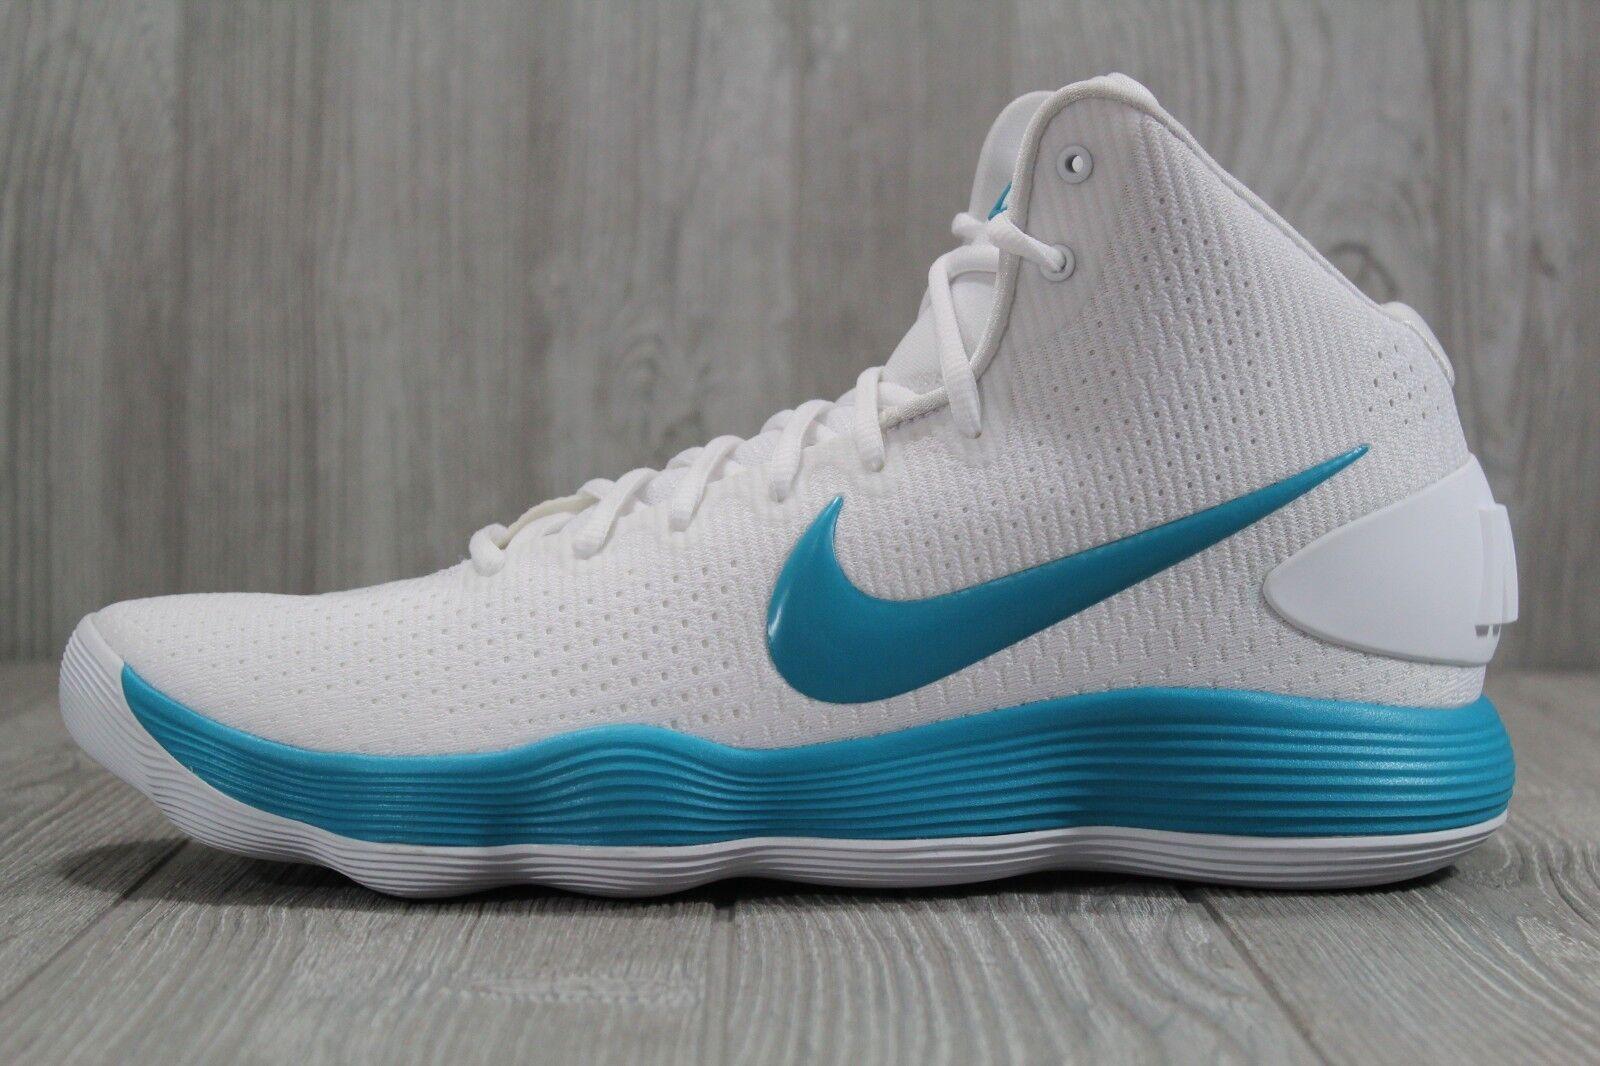 36 Nike Hyperdunk 2017 TB Men's Basketball shoes 942571-100 White Teal SZ 13.5